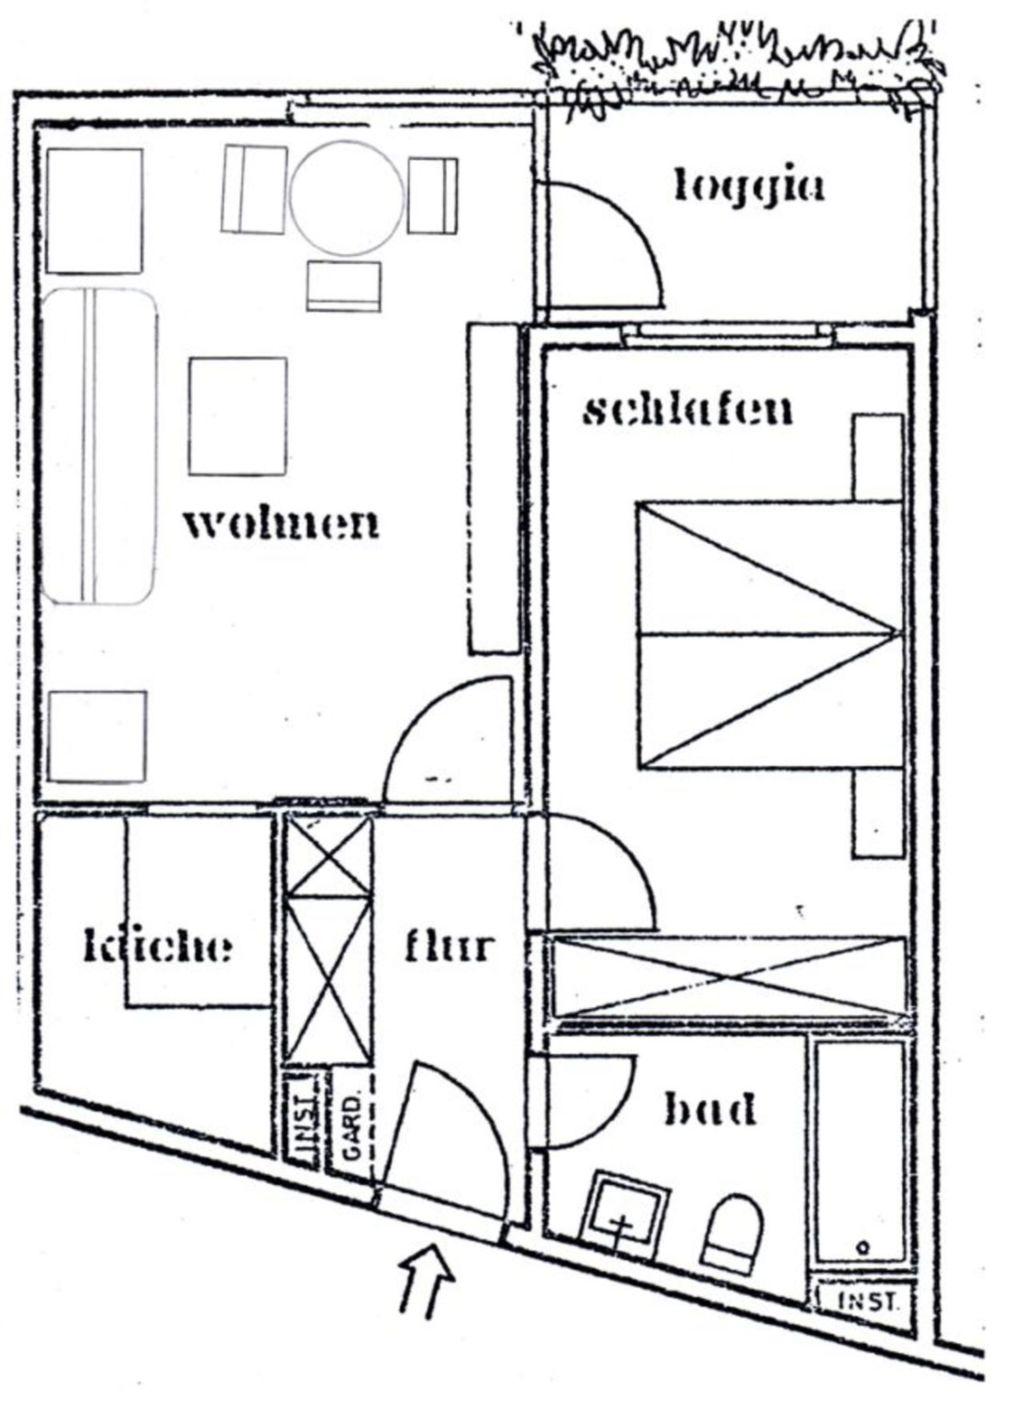 Appartement Reede 4, Reede 4